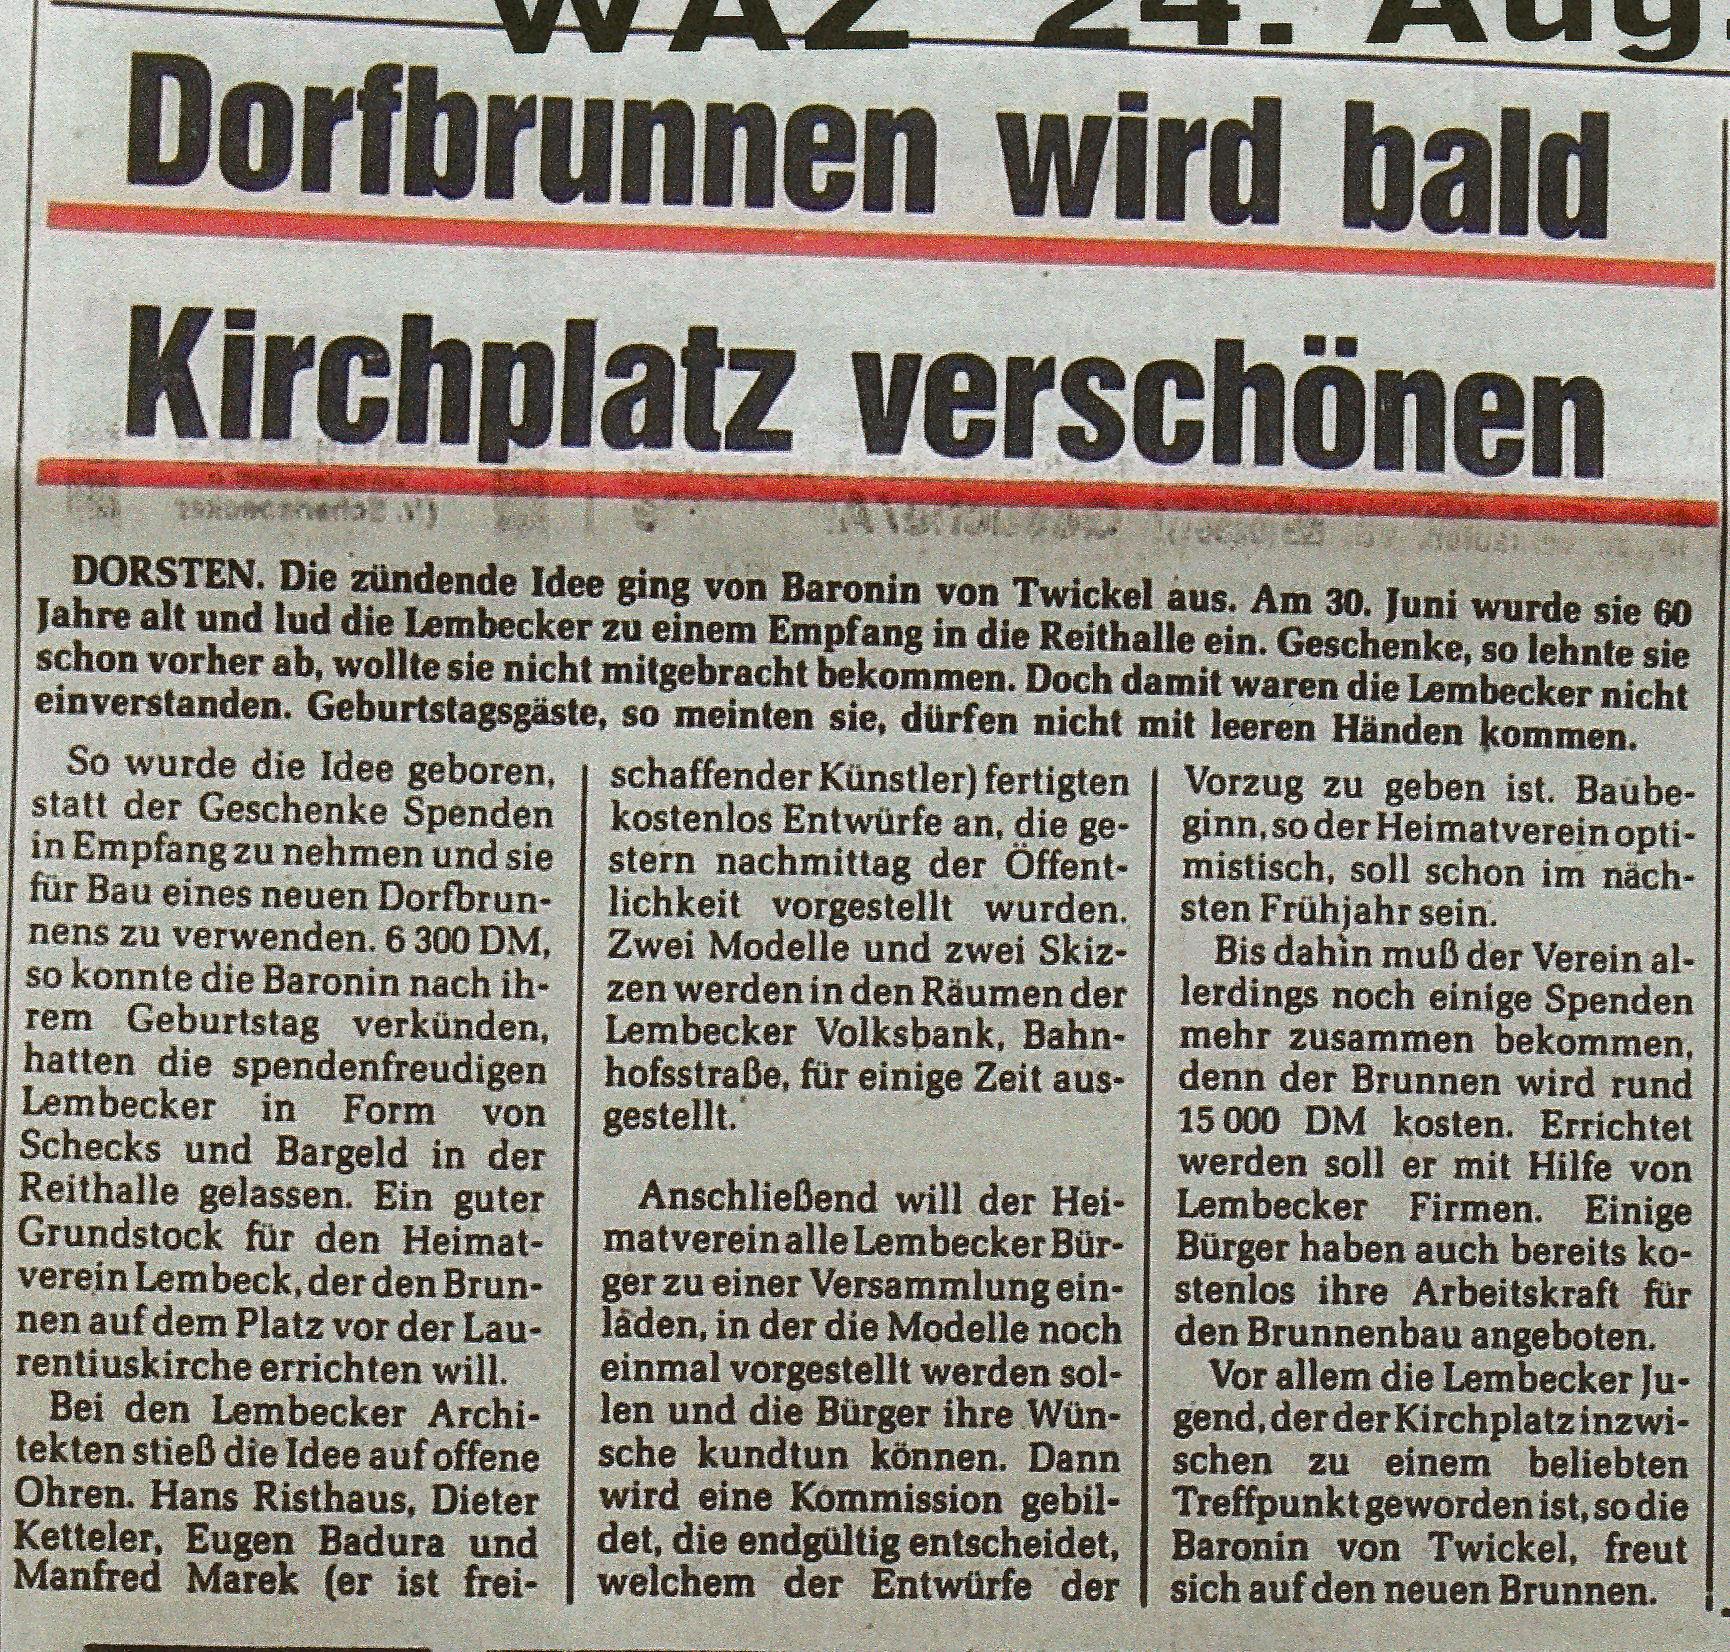 19820824_WAZ_Dorfbrunnen_wird_bald_Kirchplatz_verschoenern_02